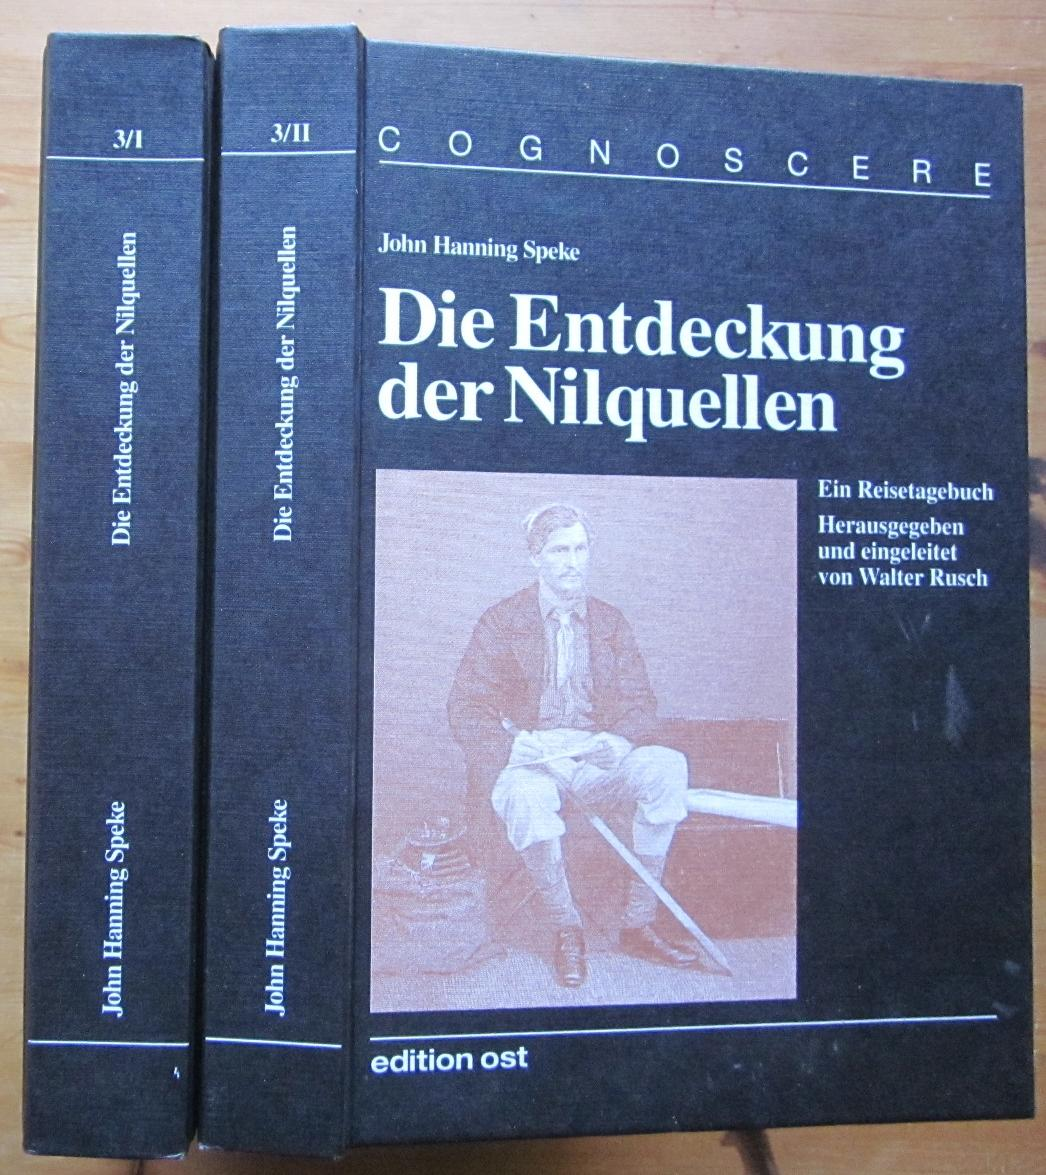 Die Entdeckung der Nilquellen. Ein Reisetagebuch. Herausgegeben: Speke, John Hanning: